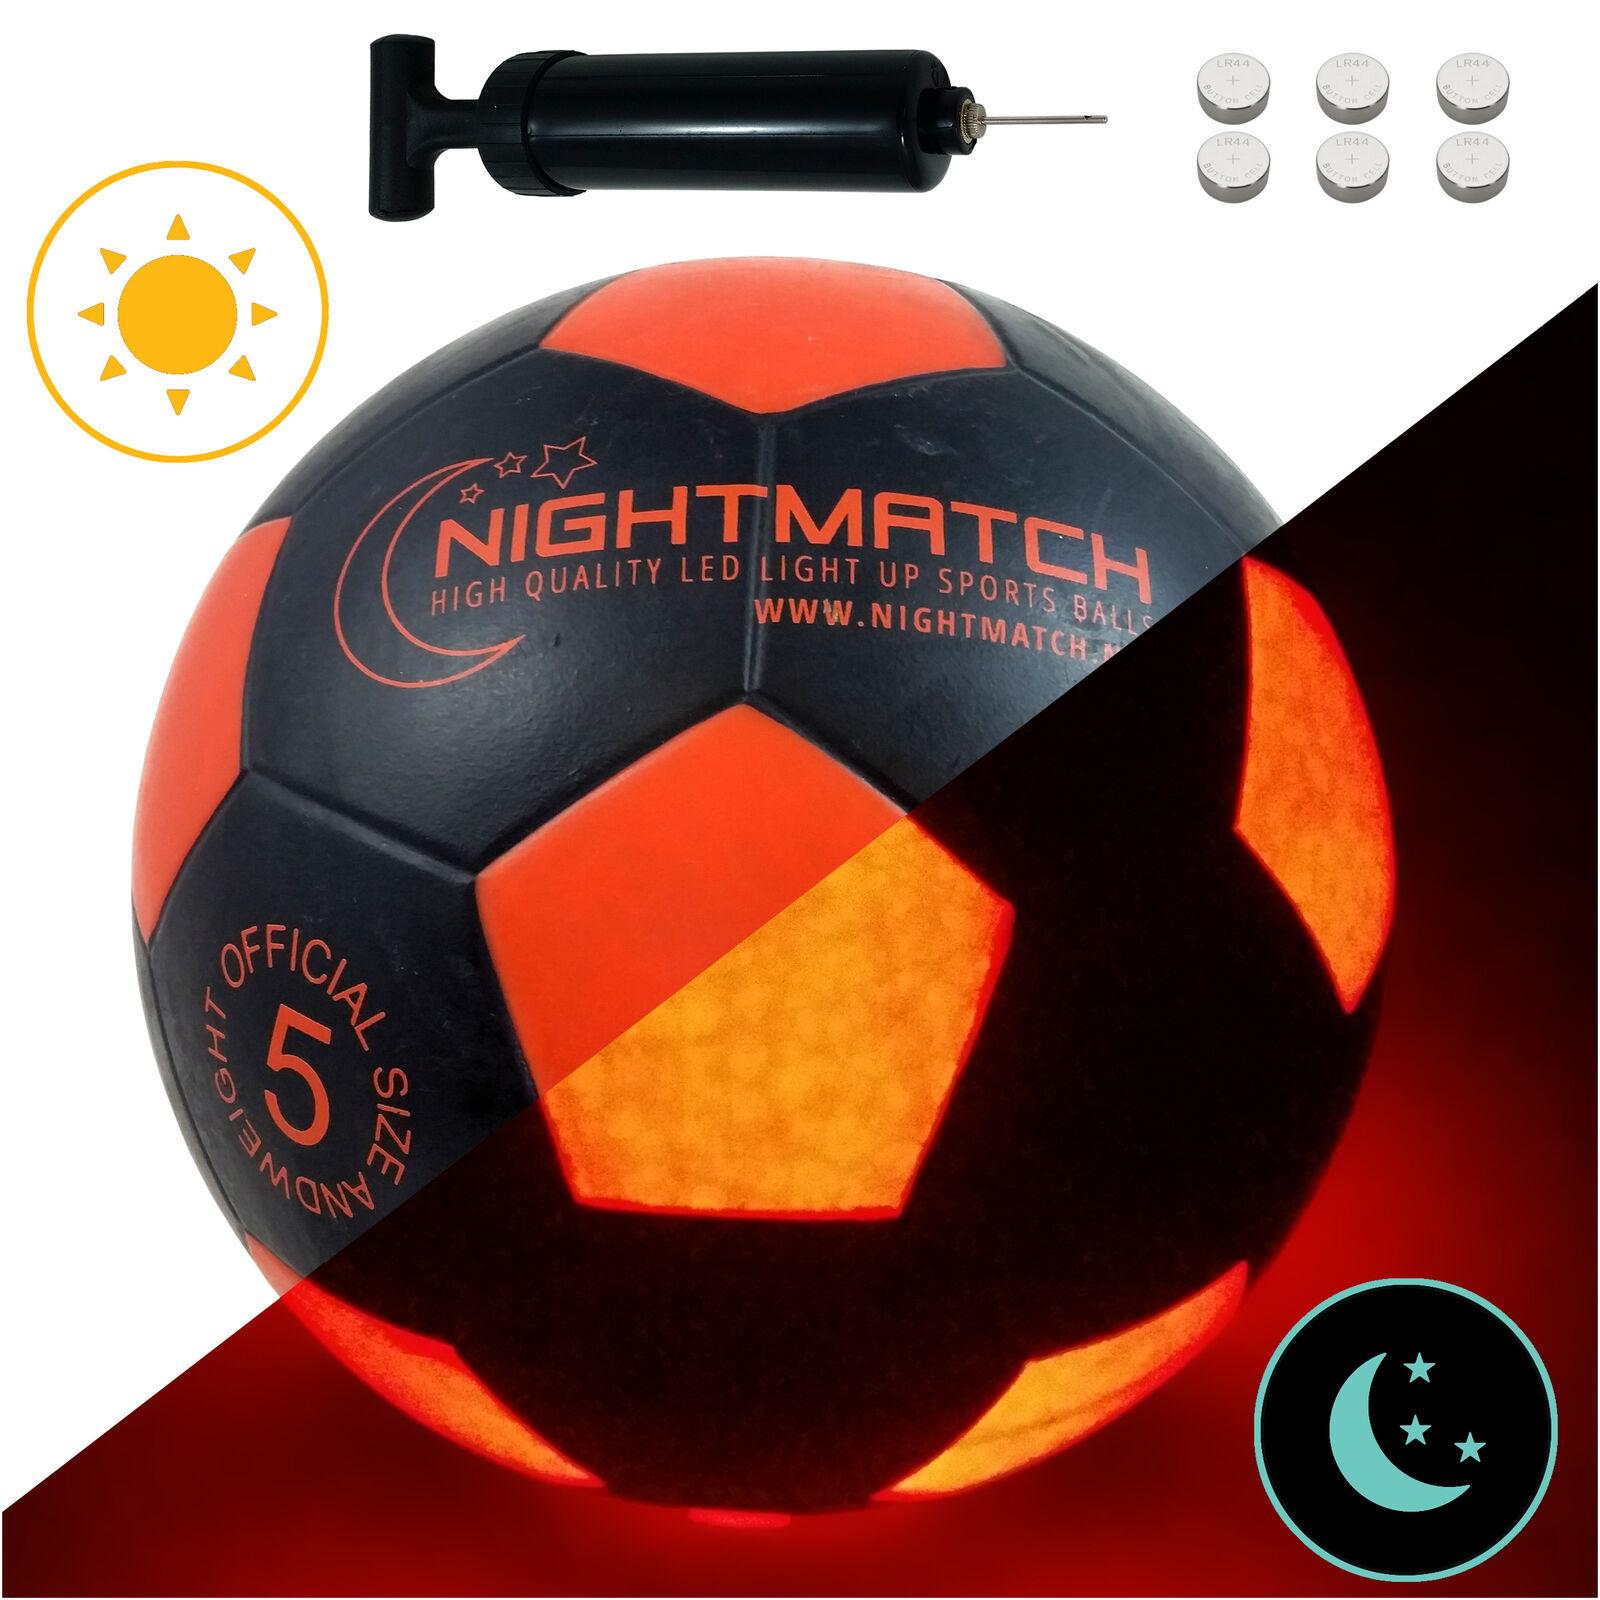 LEUCHTFUSSBALL mit Pumpe und Batterien - Größe 5 - sw or - von NIGHTMATCH  | Trendy